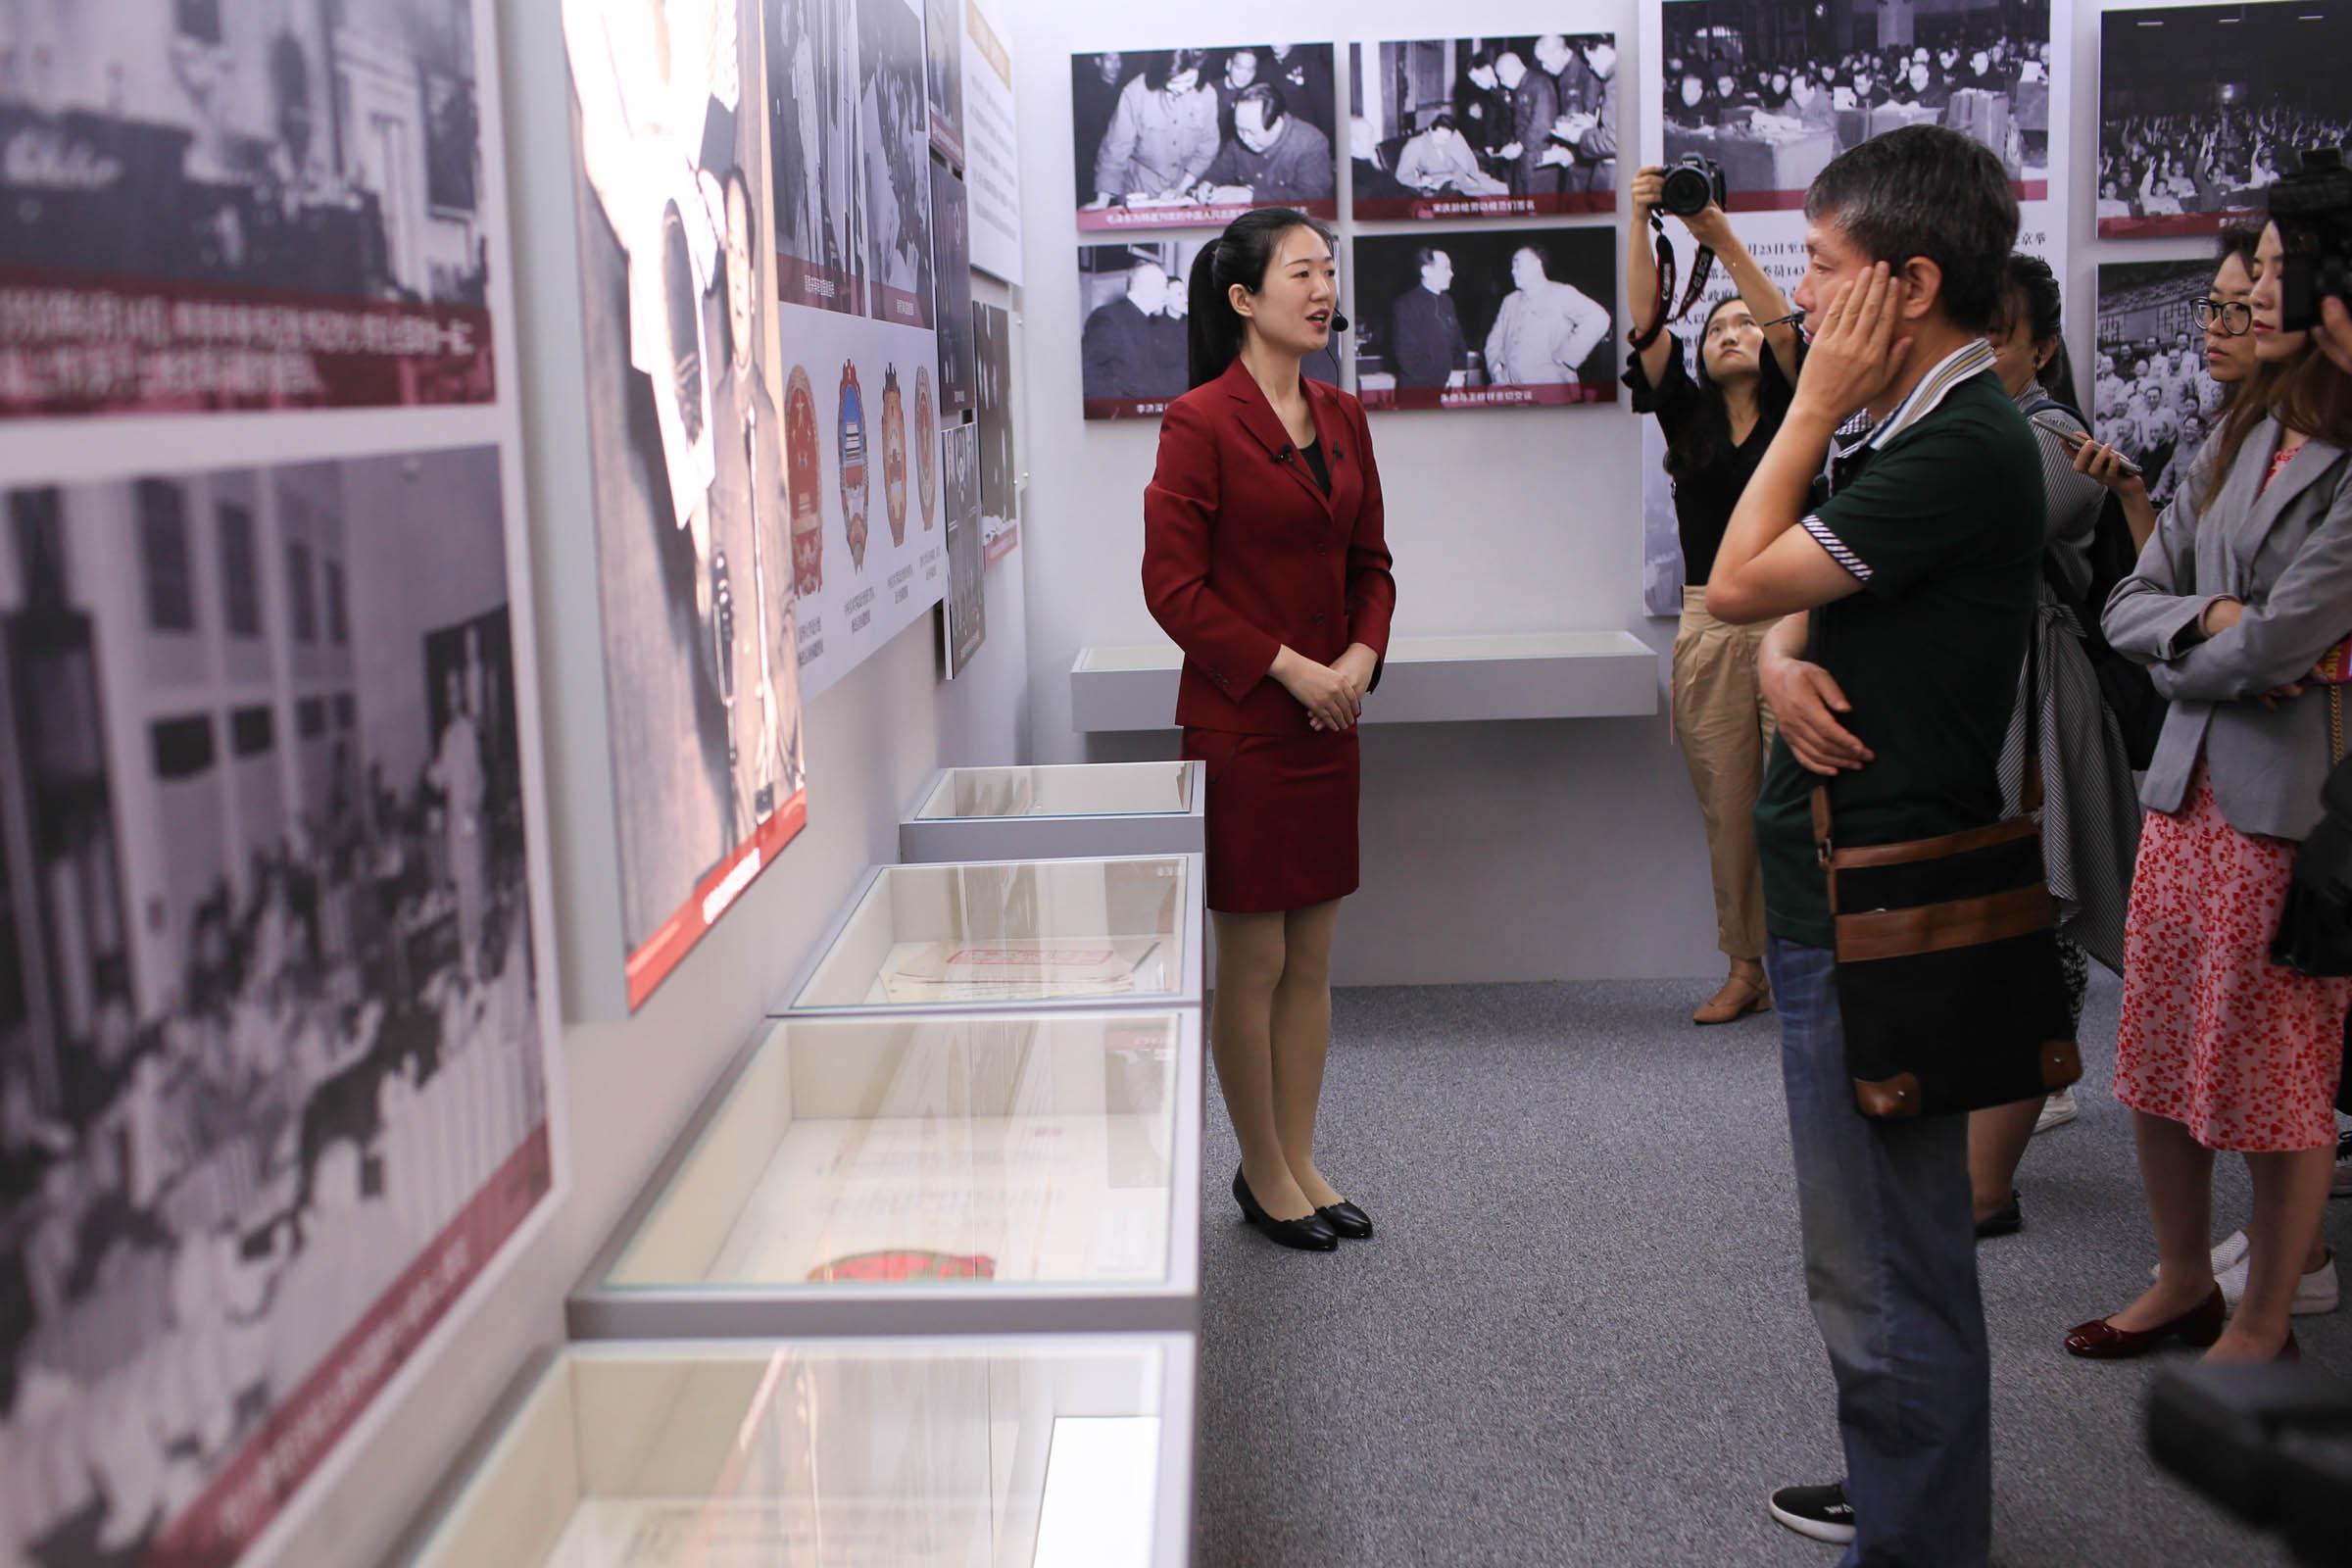 人民政协两大主题展览开展,多份历史档案首次公开